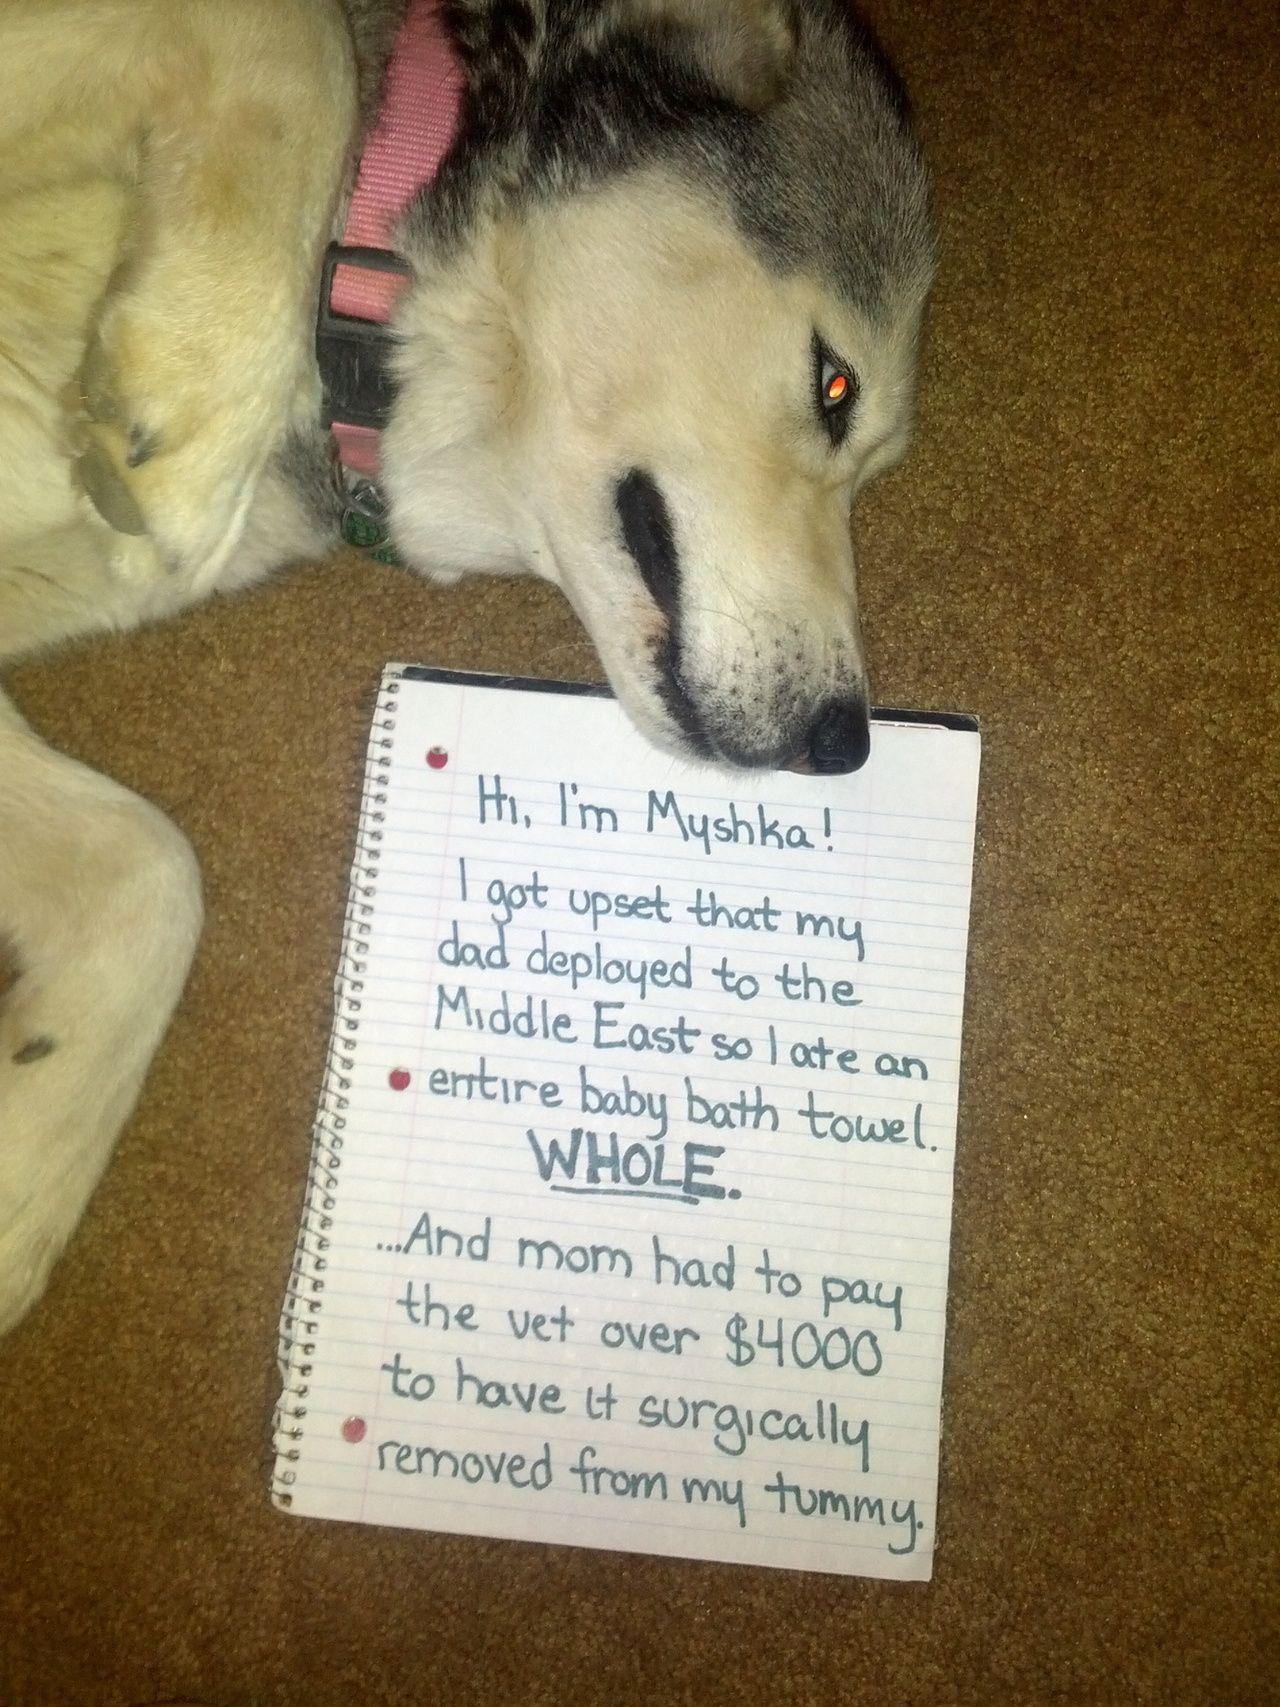 Hi, I'm Myshka! I got upset that my dad deployed to the Middle East…